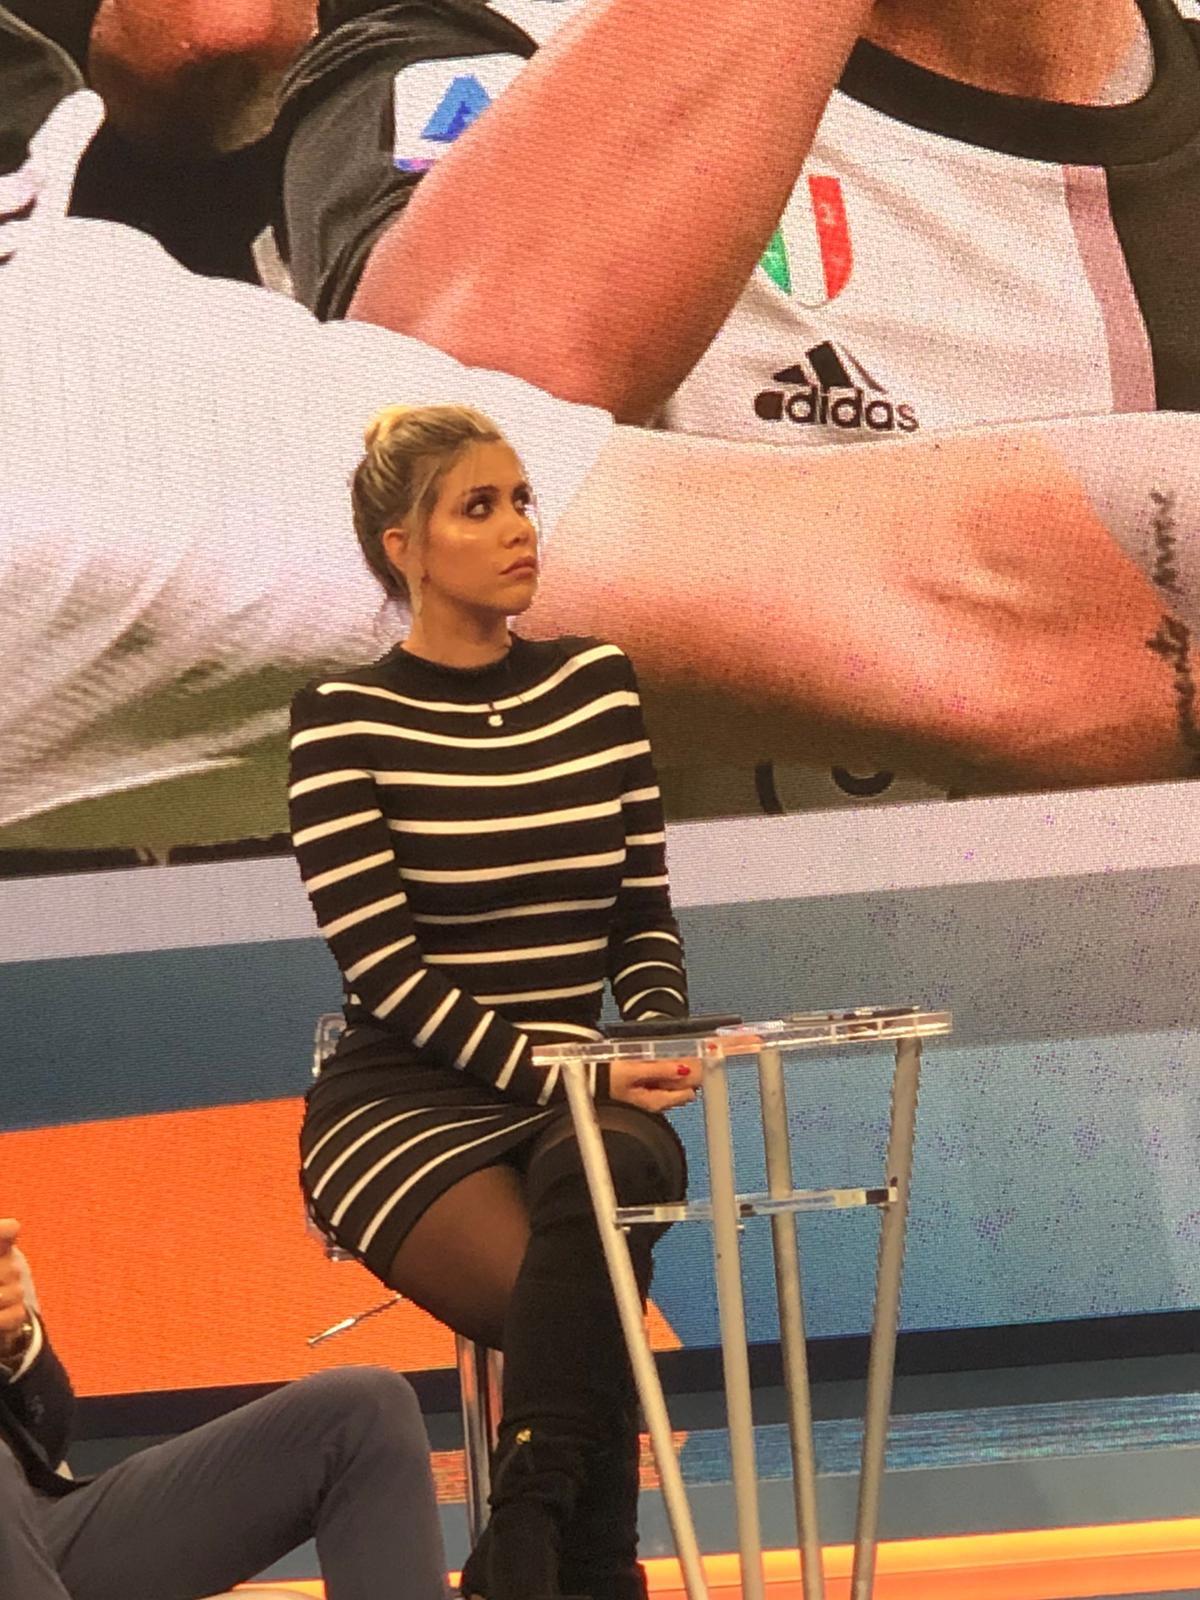 Accompagnatore d'eccezione per Wanda Nara nella puntata di Tiki Taka dopo Inter-Juventus: Mauro Icardi! L'attaccante argentino del Psg (ma anc...